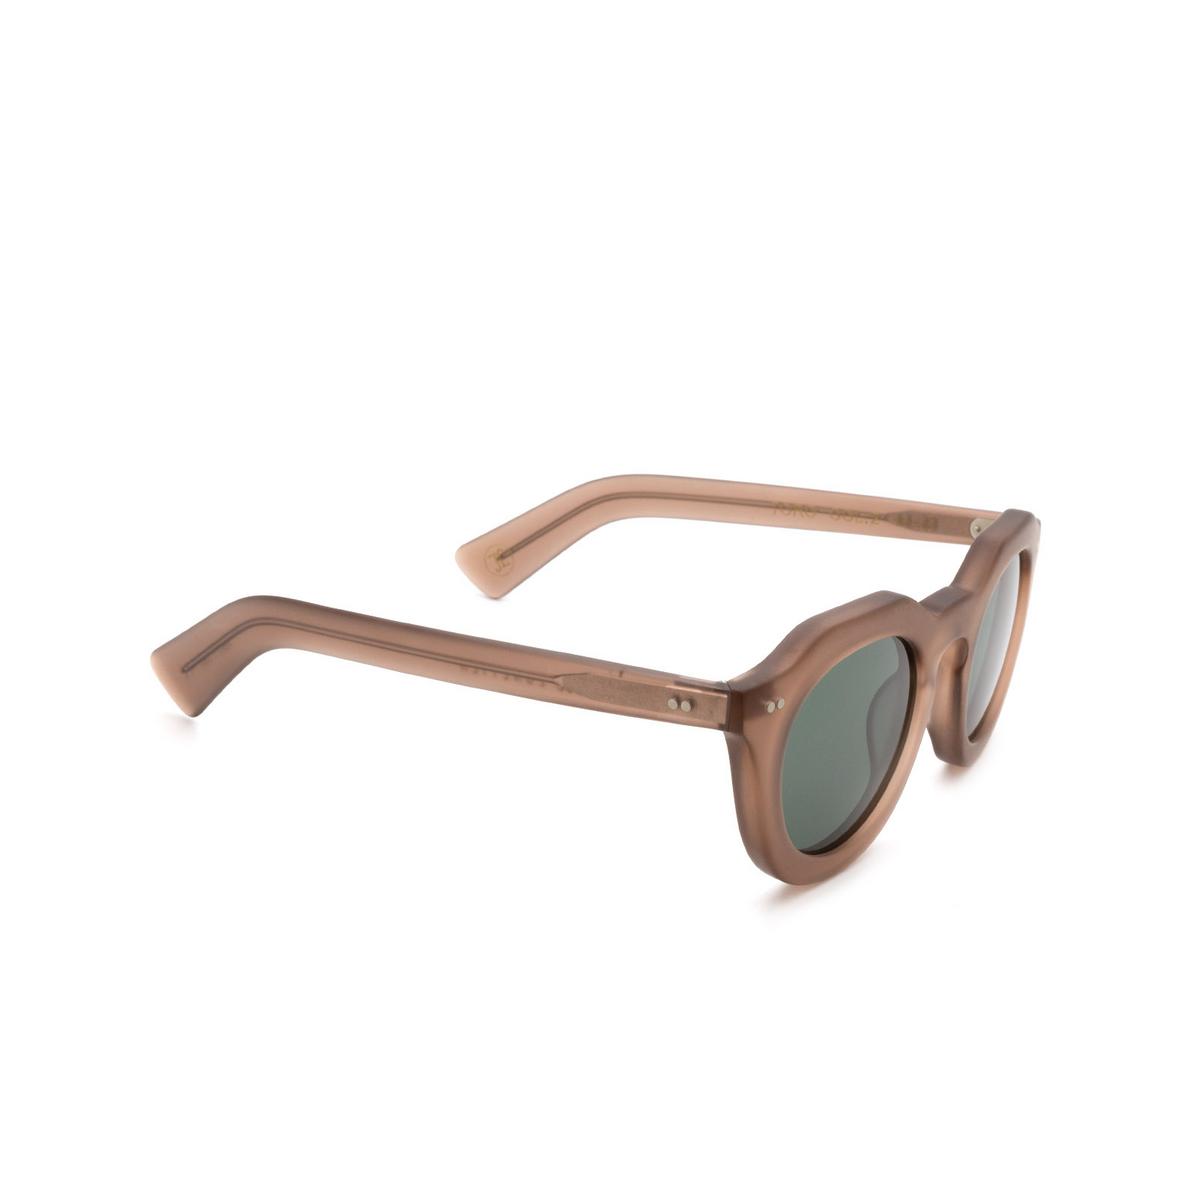 Lesca® Irregular Sunglasses: Toro color Cognac Matt 2 - three-quarters view.